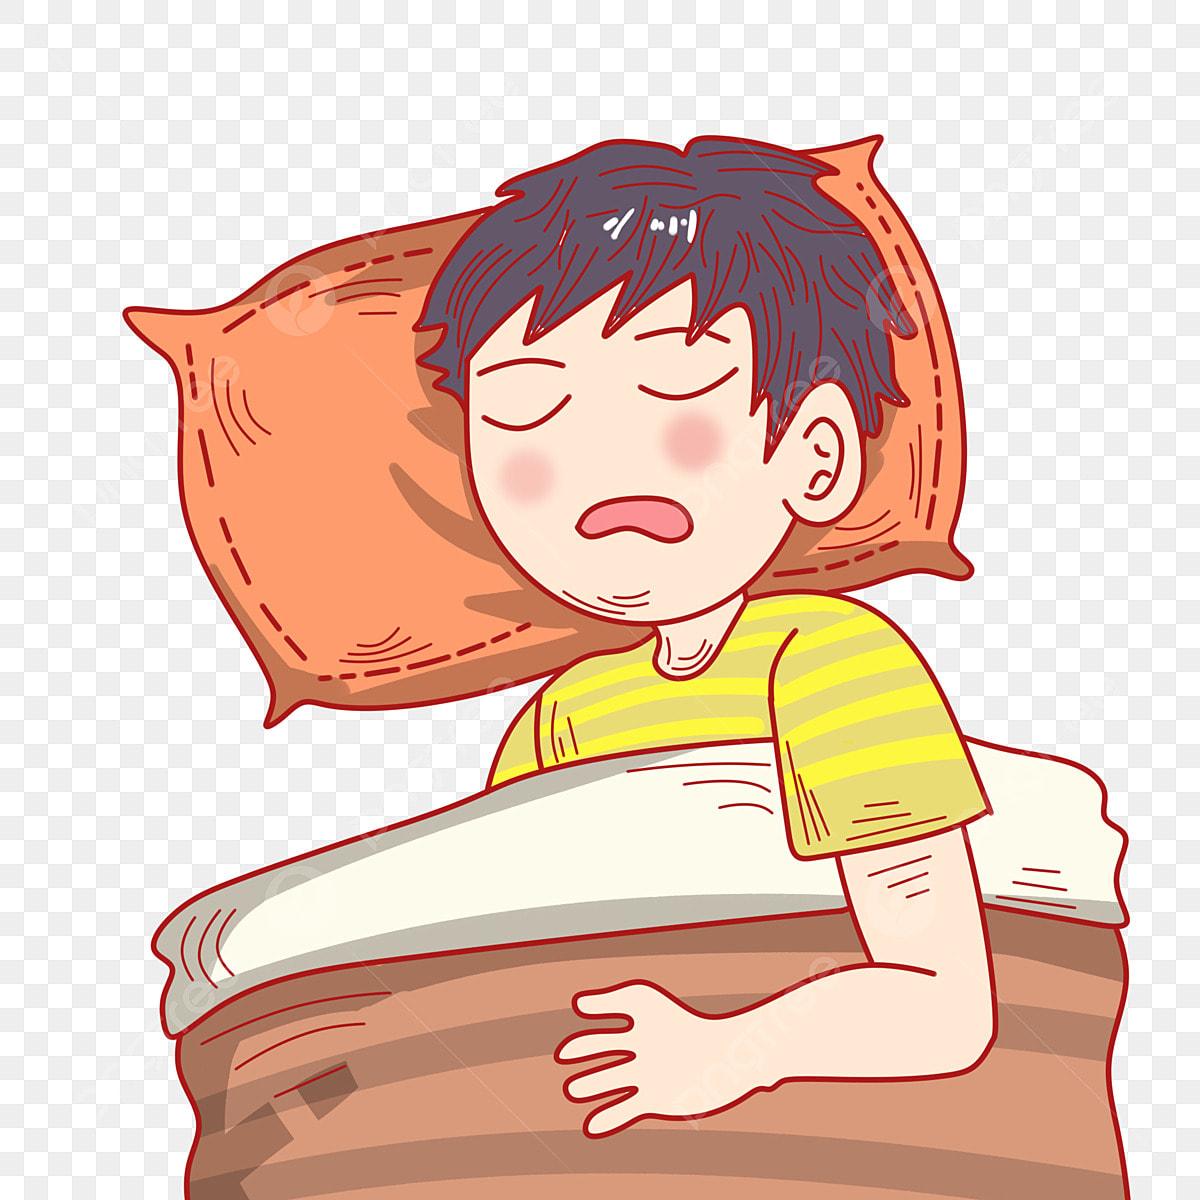 Anak Lelaki Tidur Ilustrasi Watak Kartun Tidur Tidur Kartun